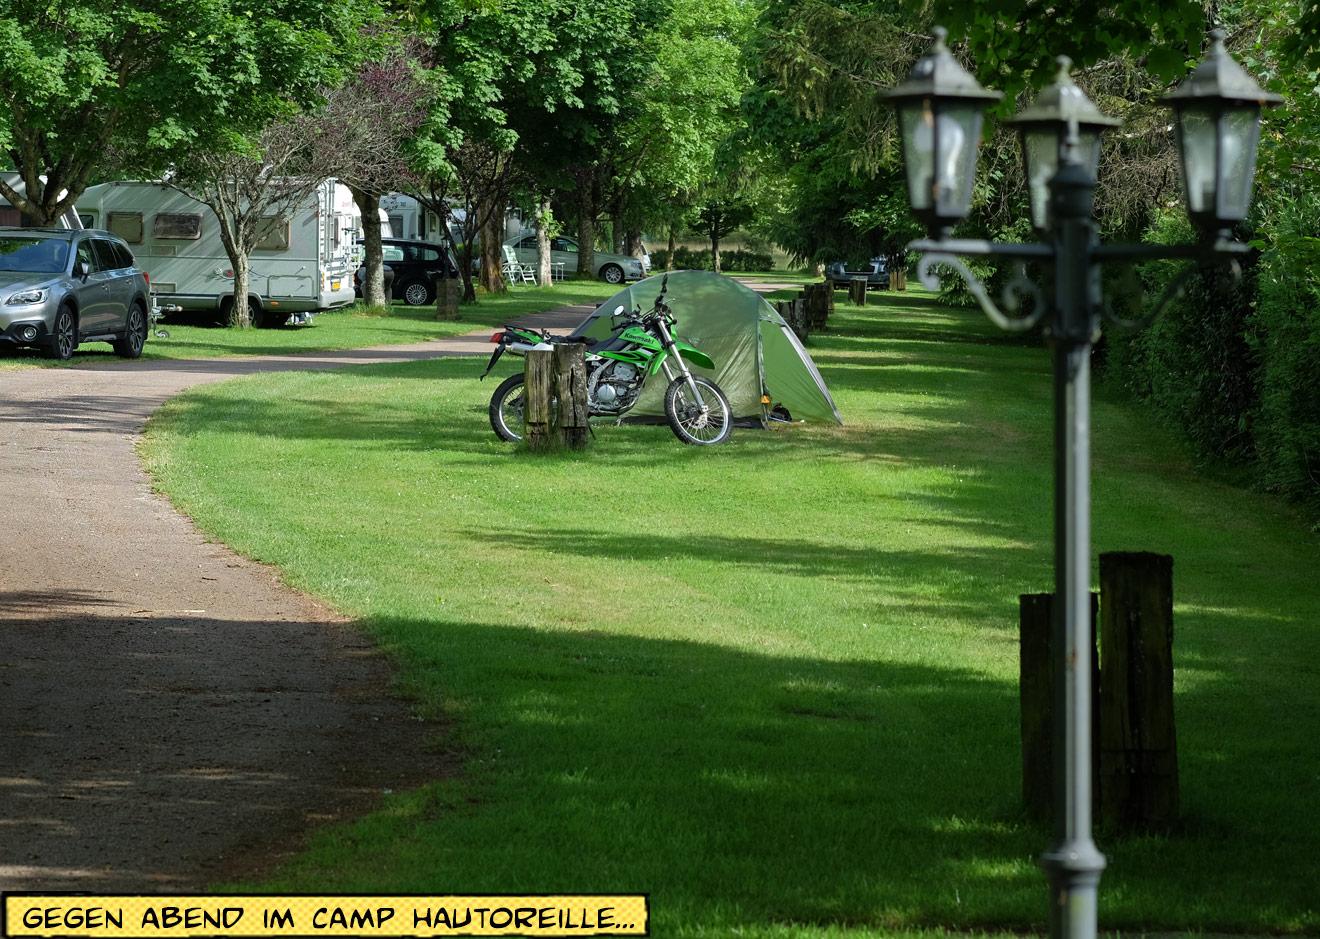 Camping Hautoreille Zelt und Motorrad